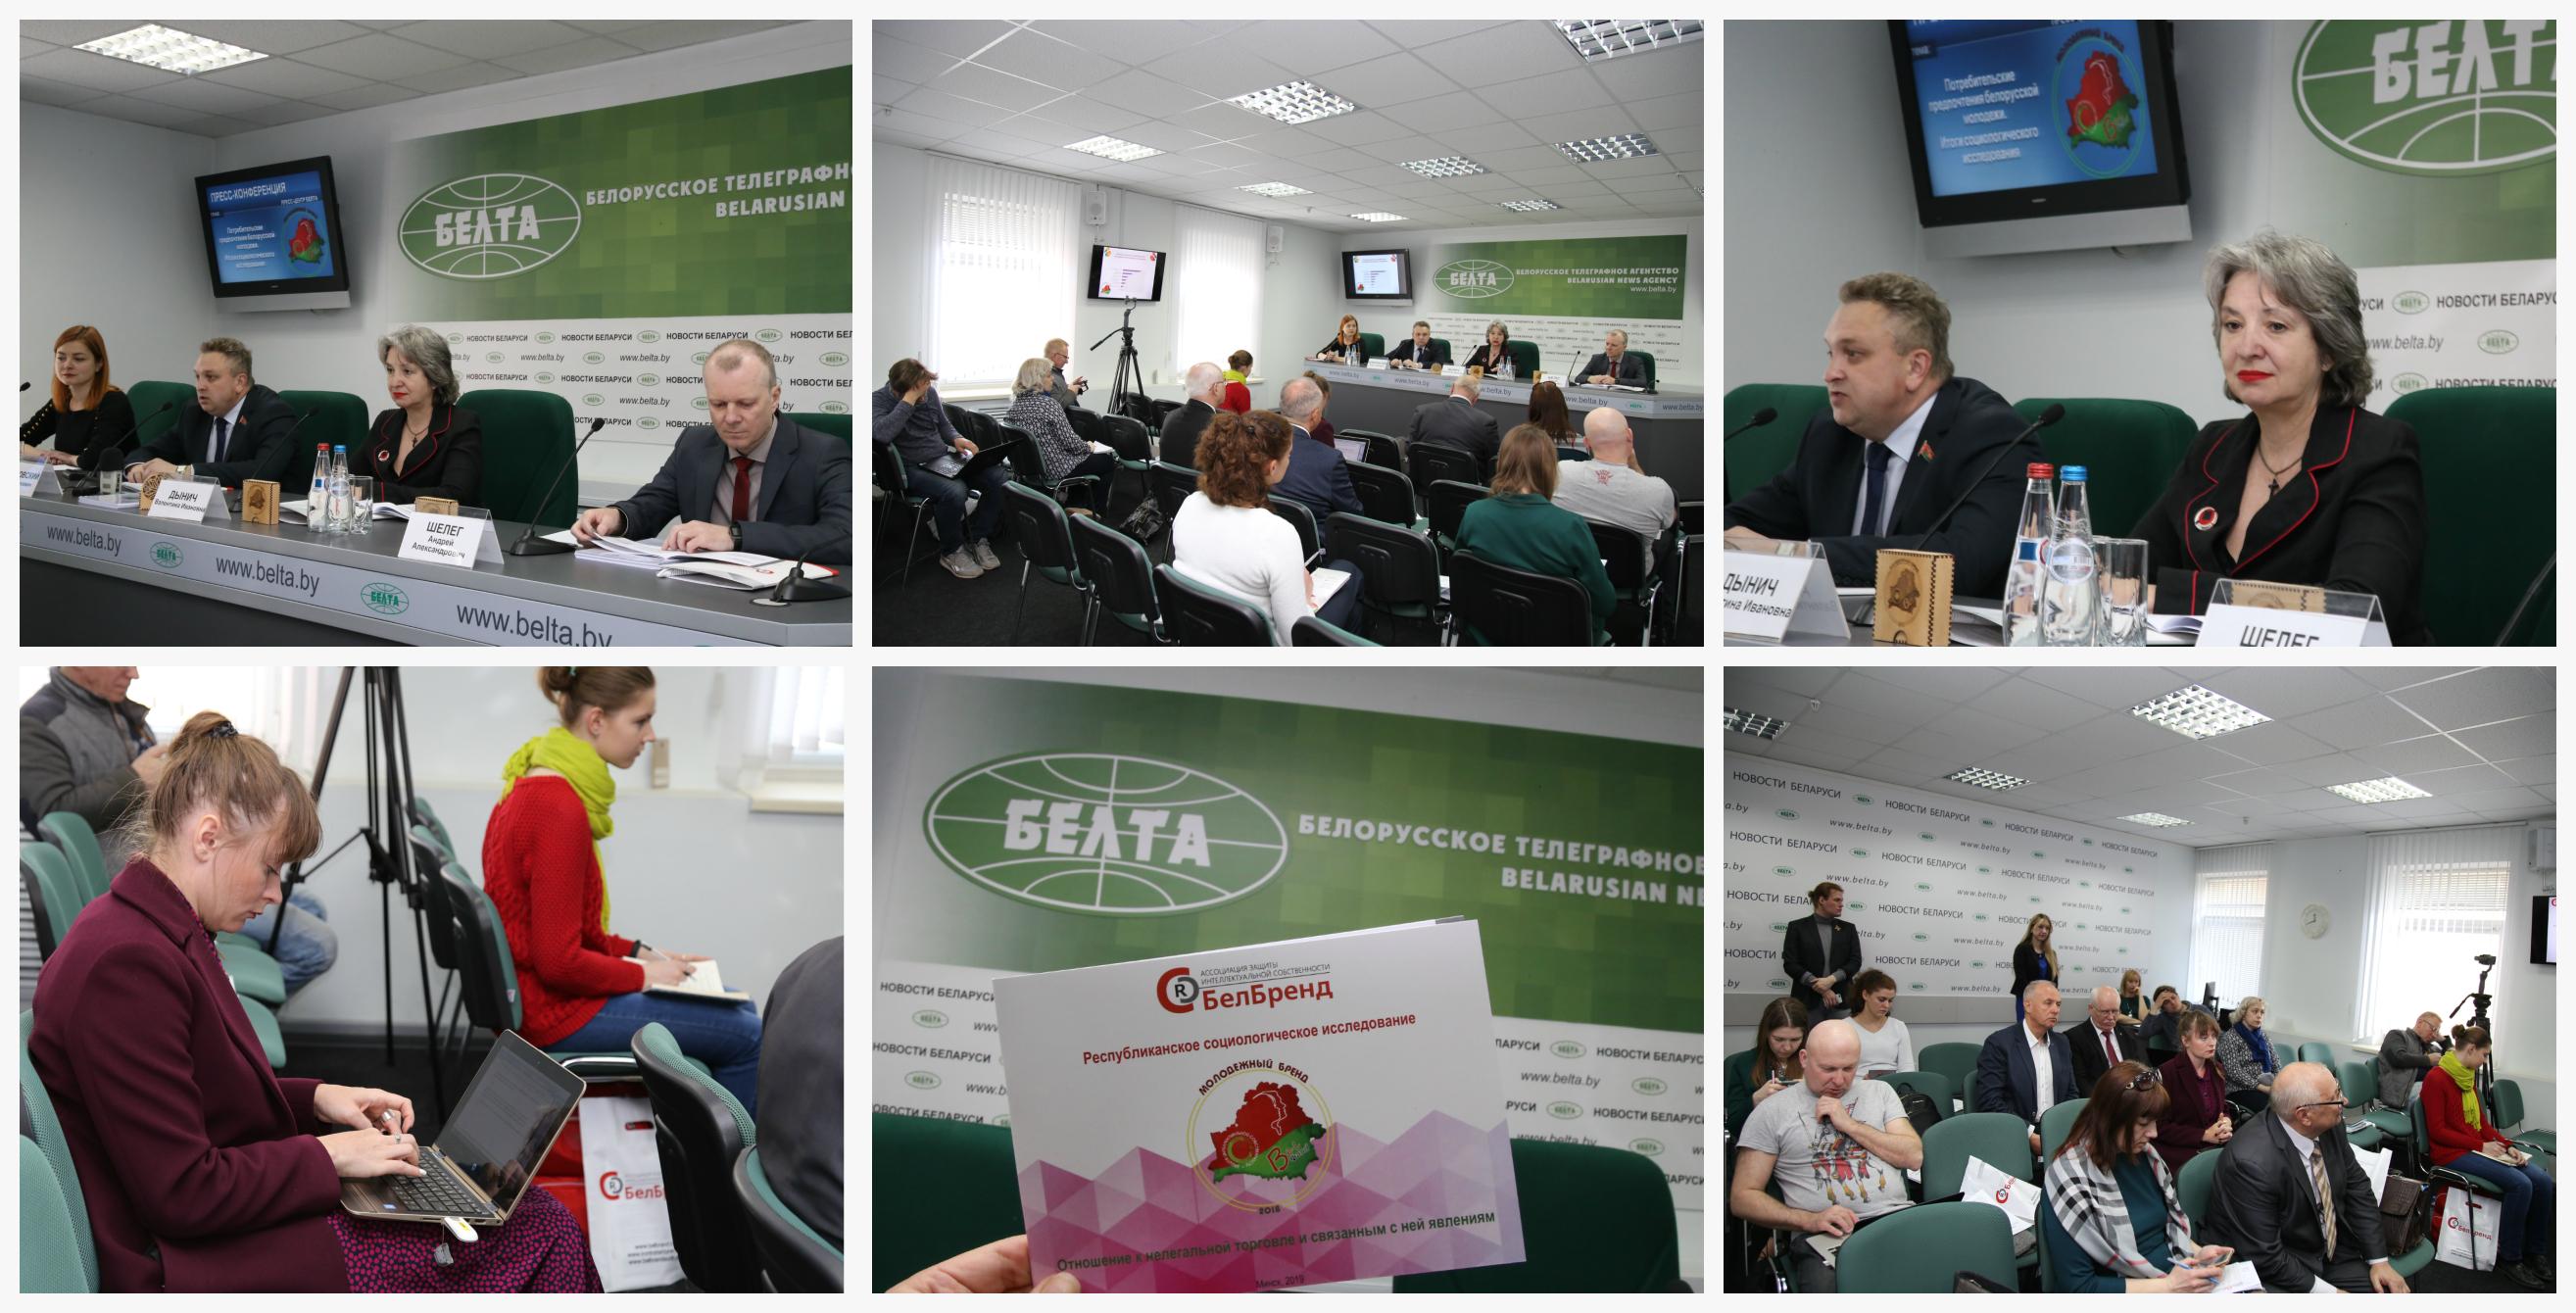 Пресс-конференция в Пресс-центре БЕЛТА